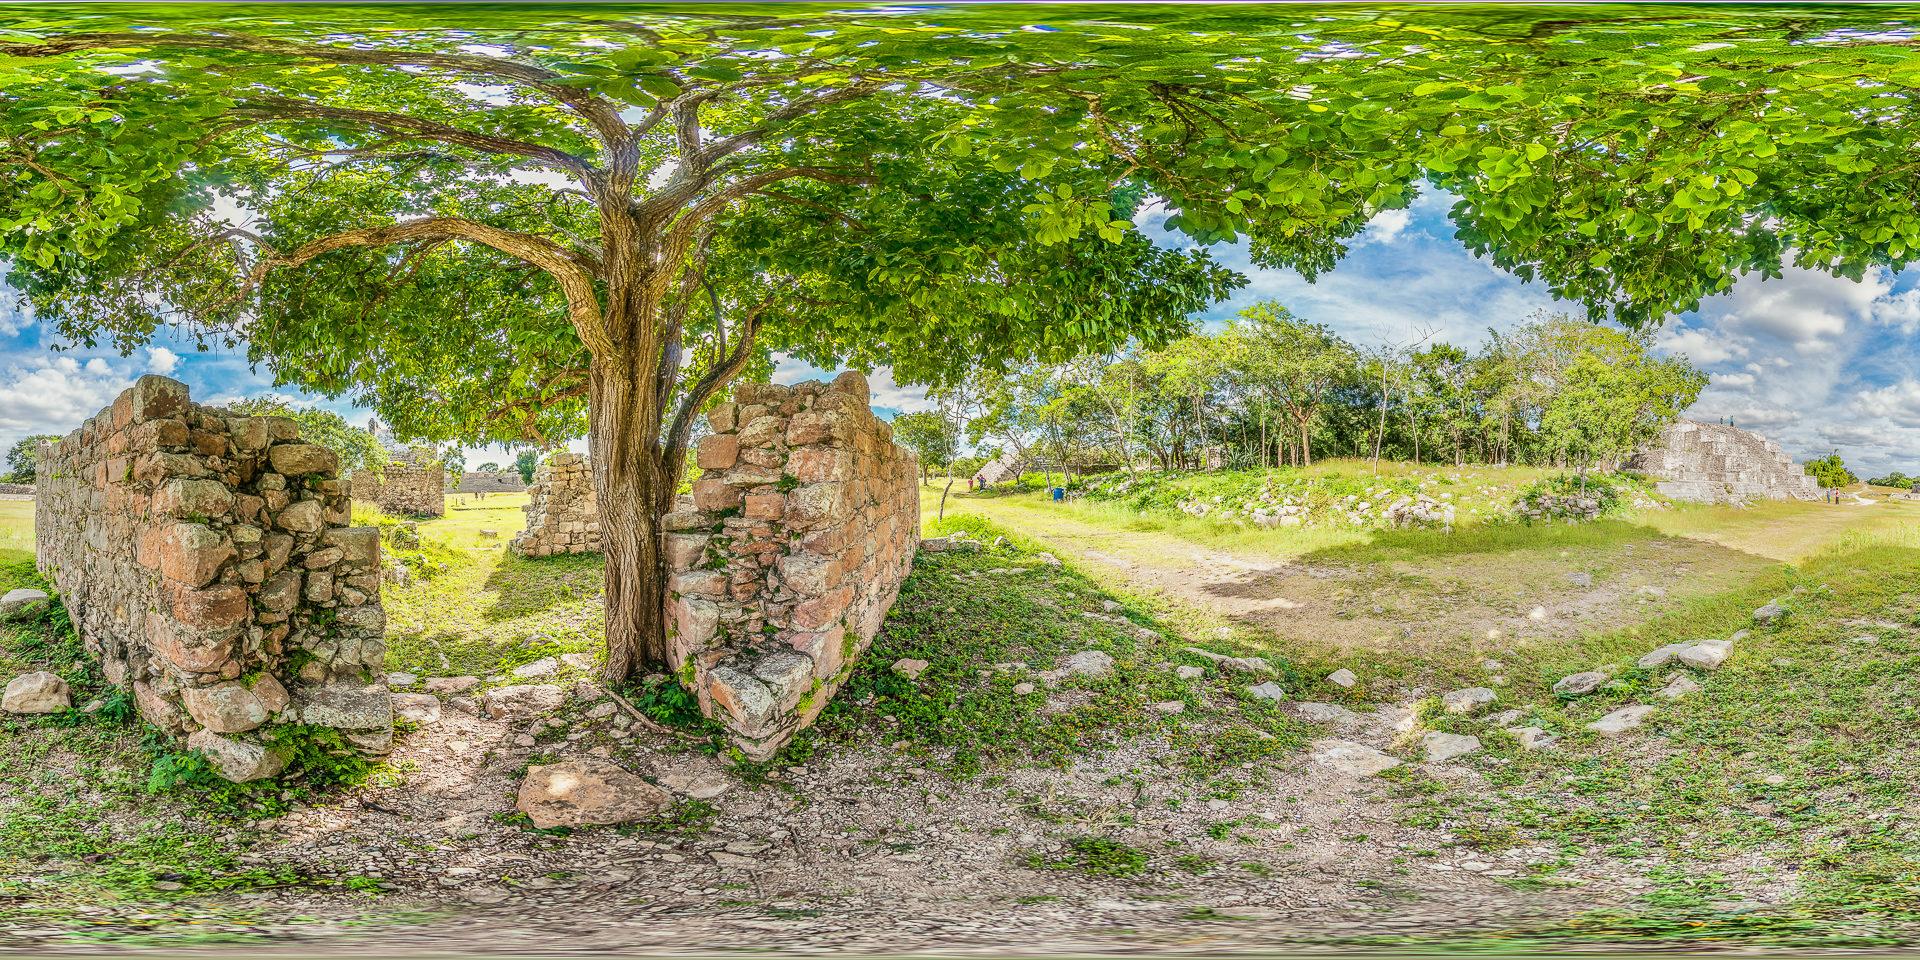 Mayastätte von Dzibilchaltún bei Mérida in Mexiko